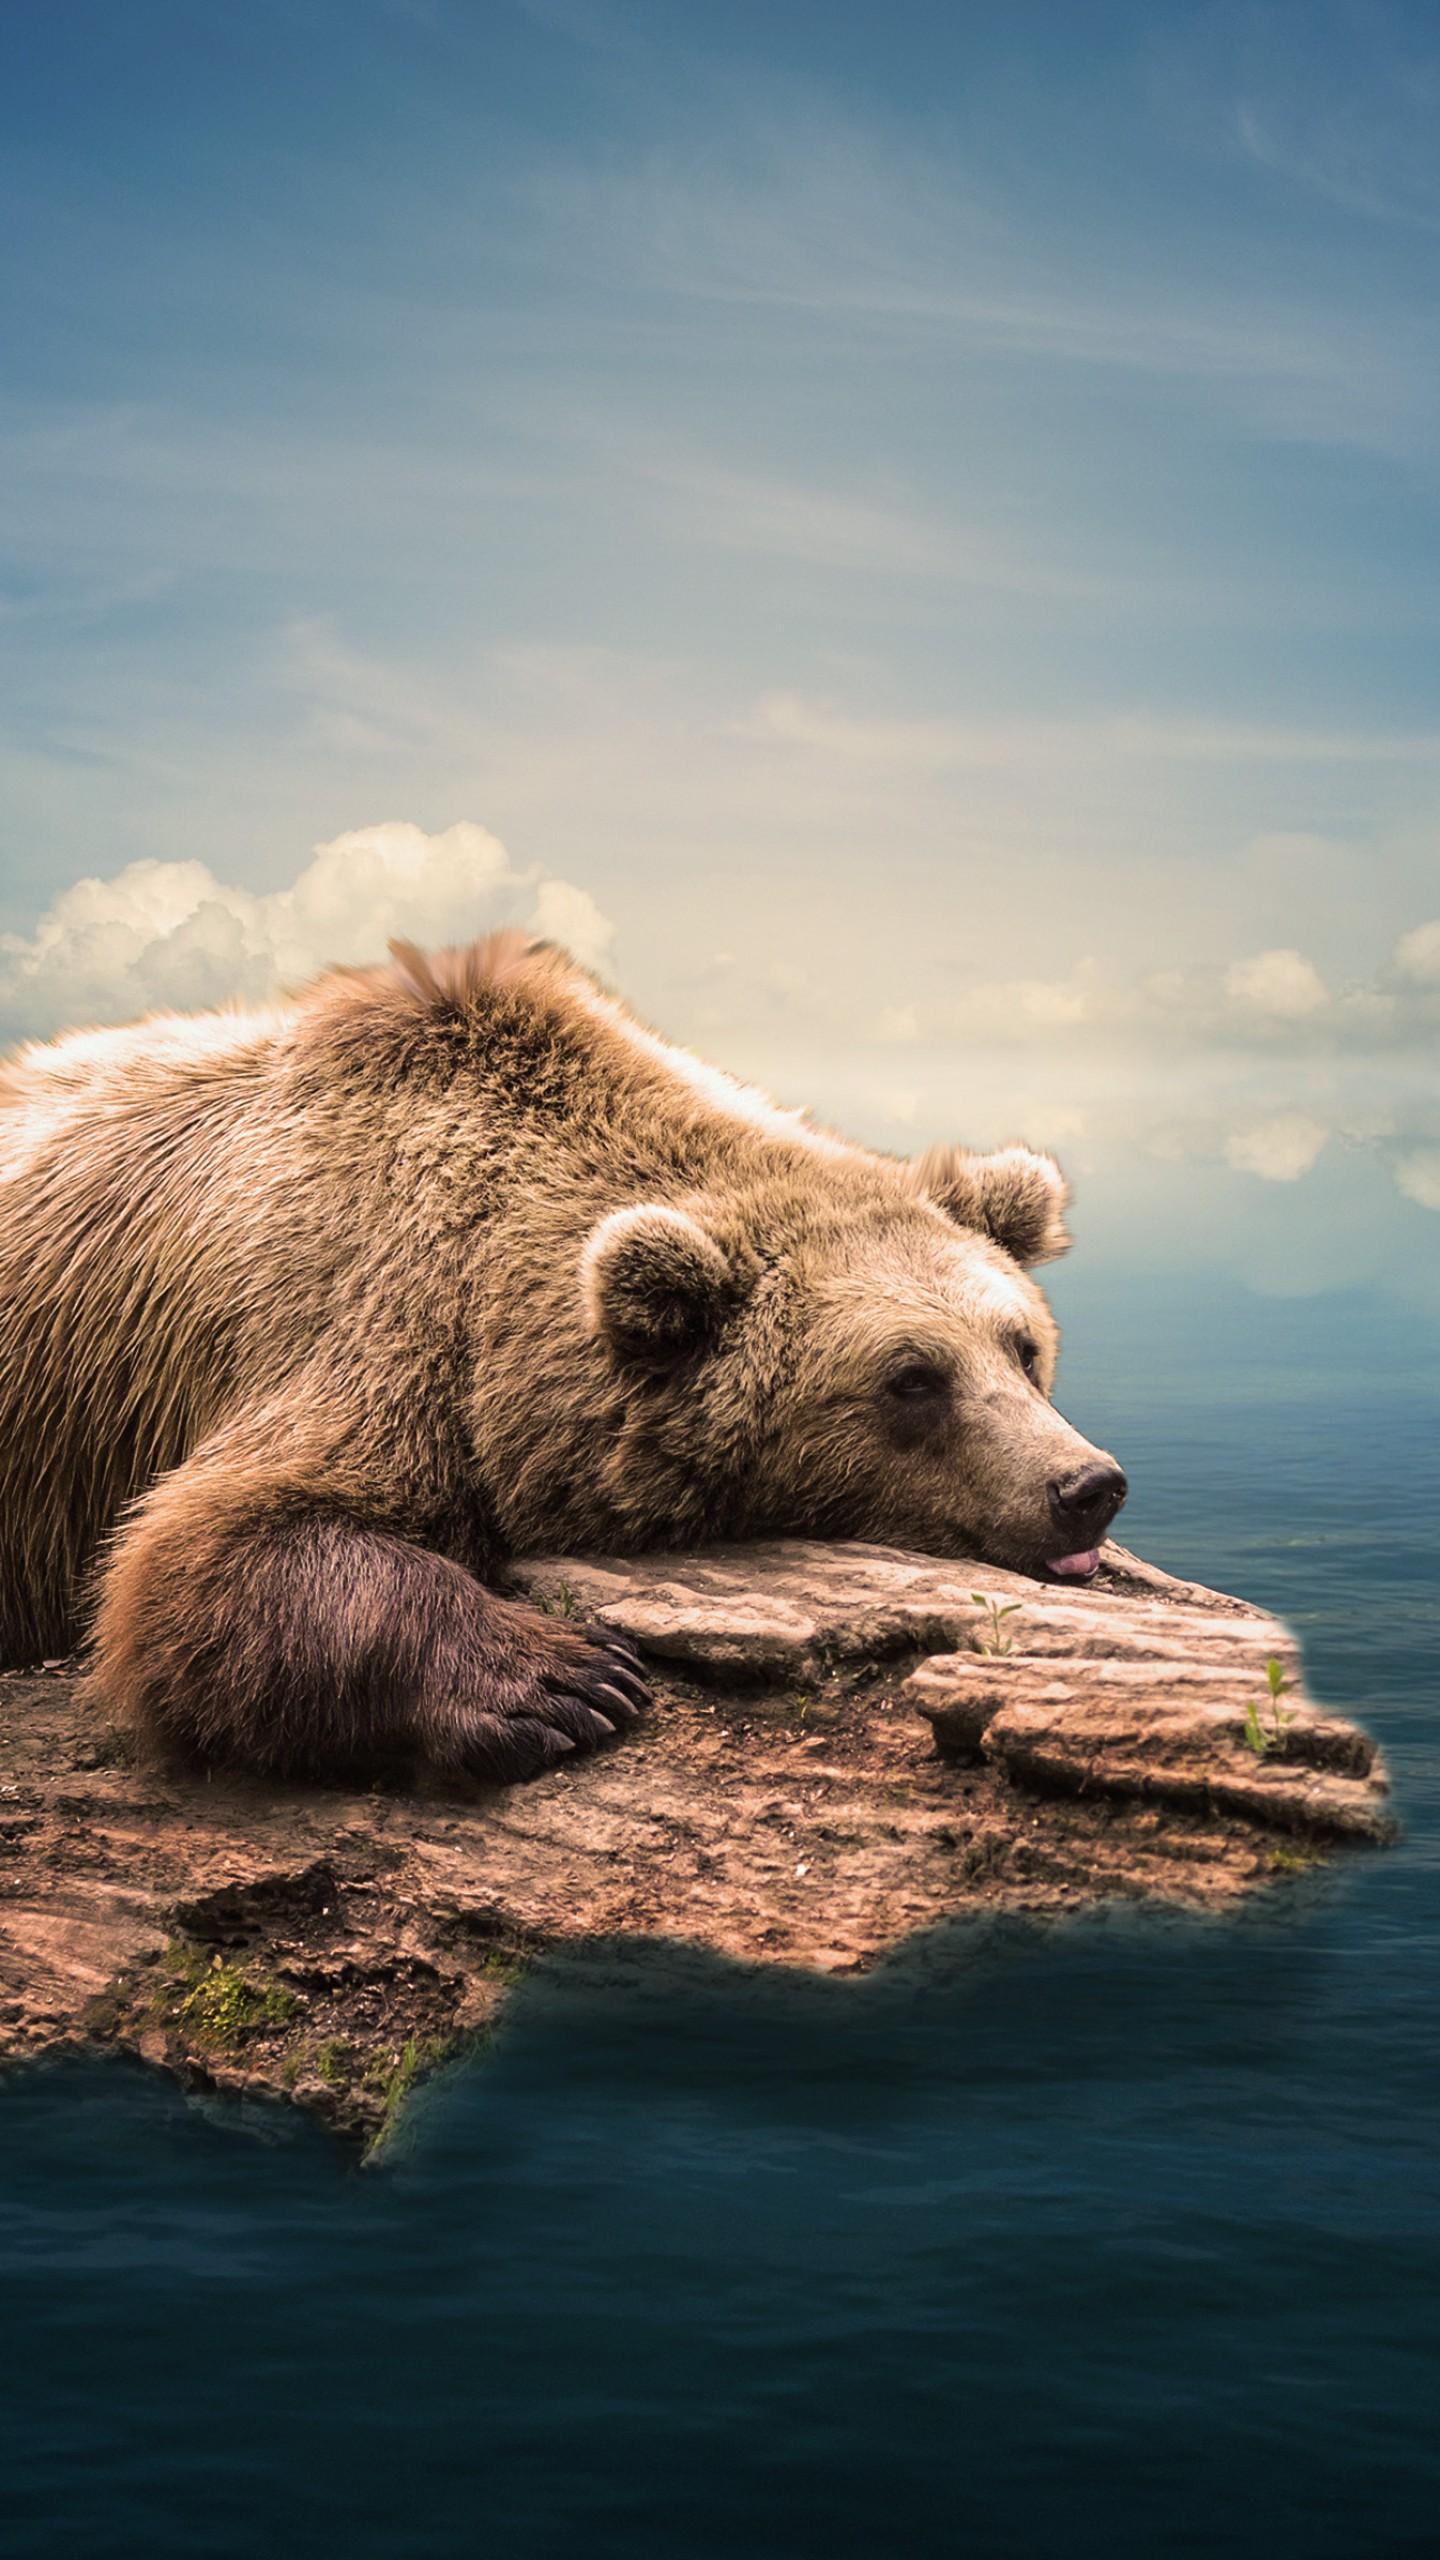 عکس زمینه خرس آبی شناور در آب پس زمینه